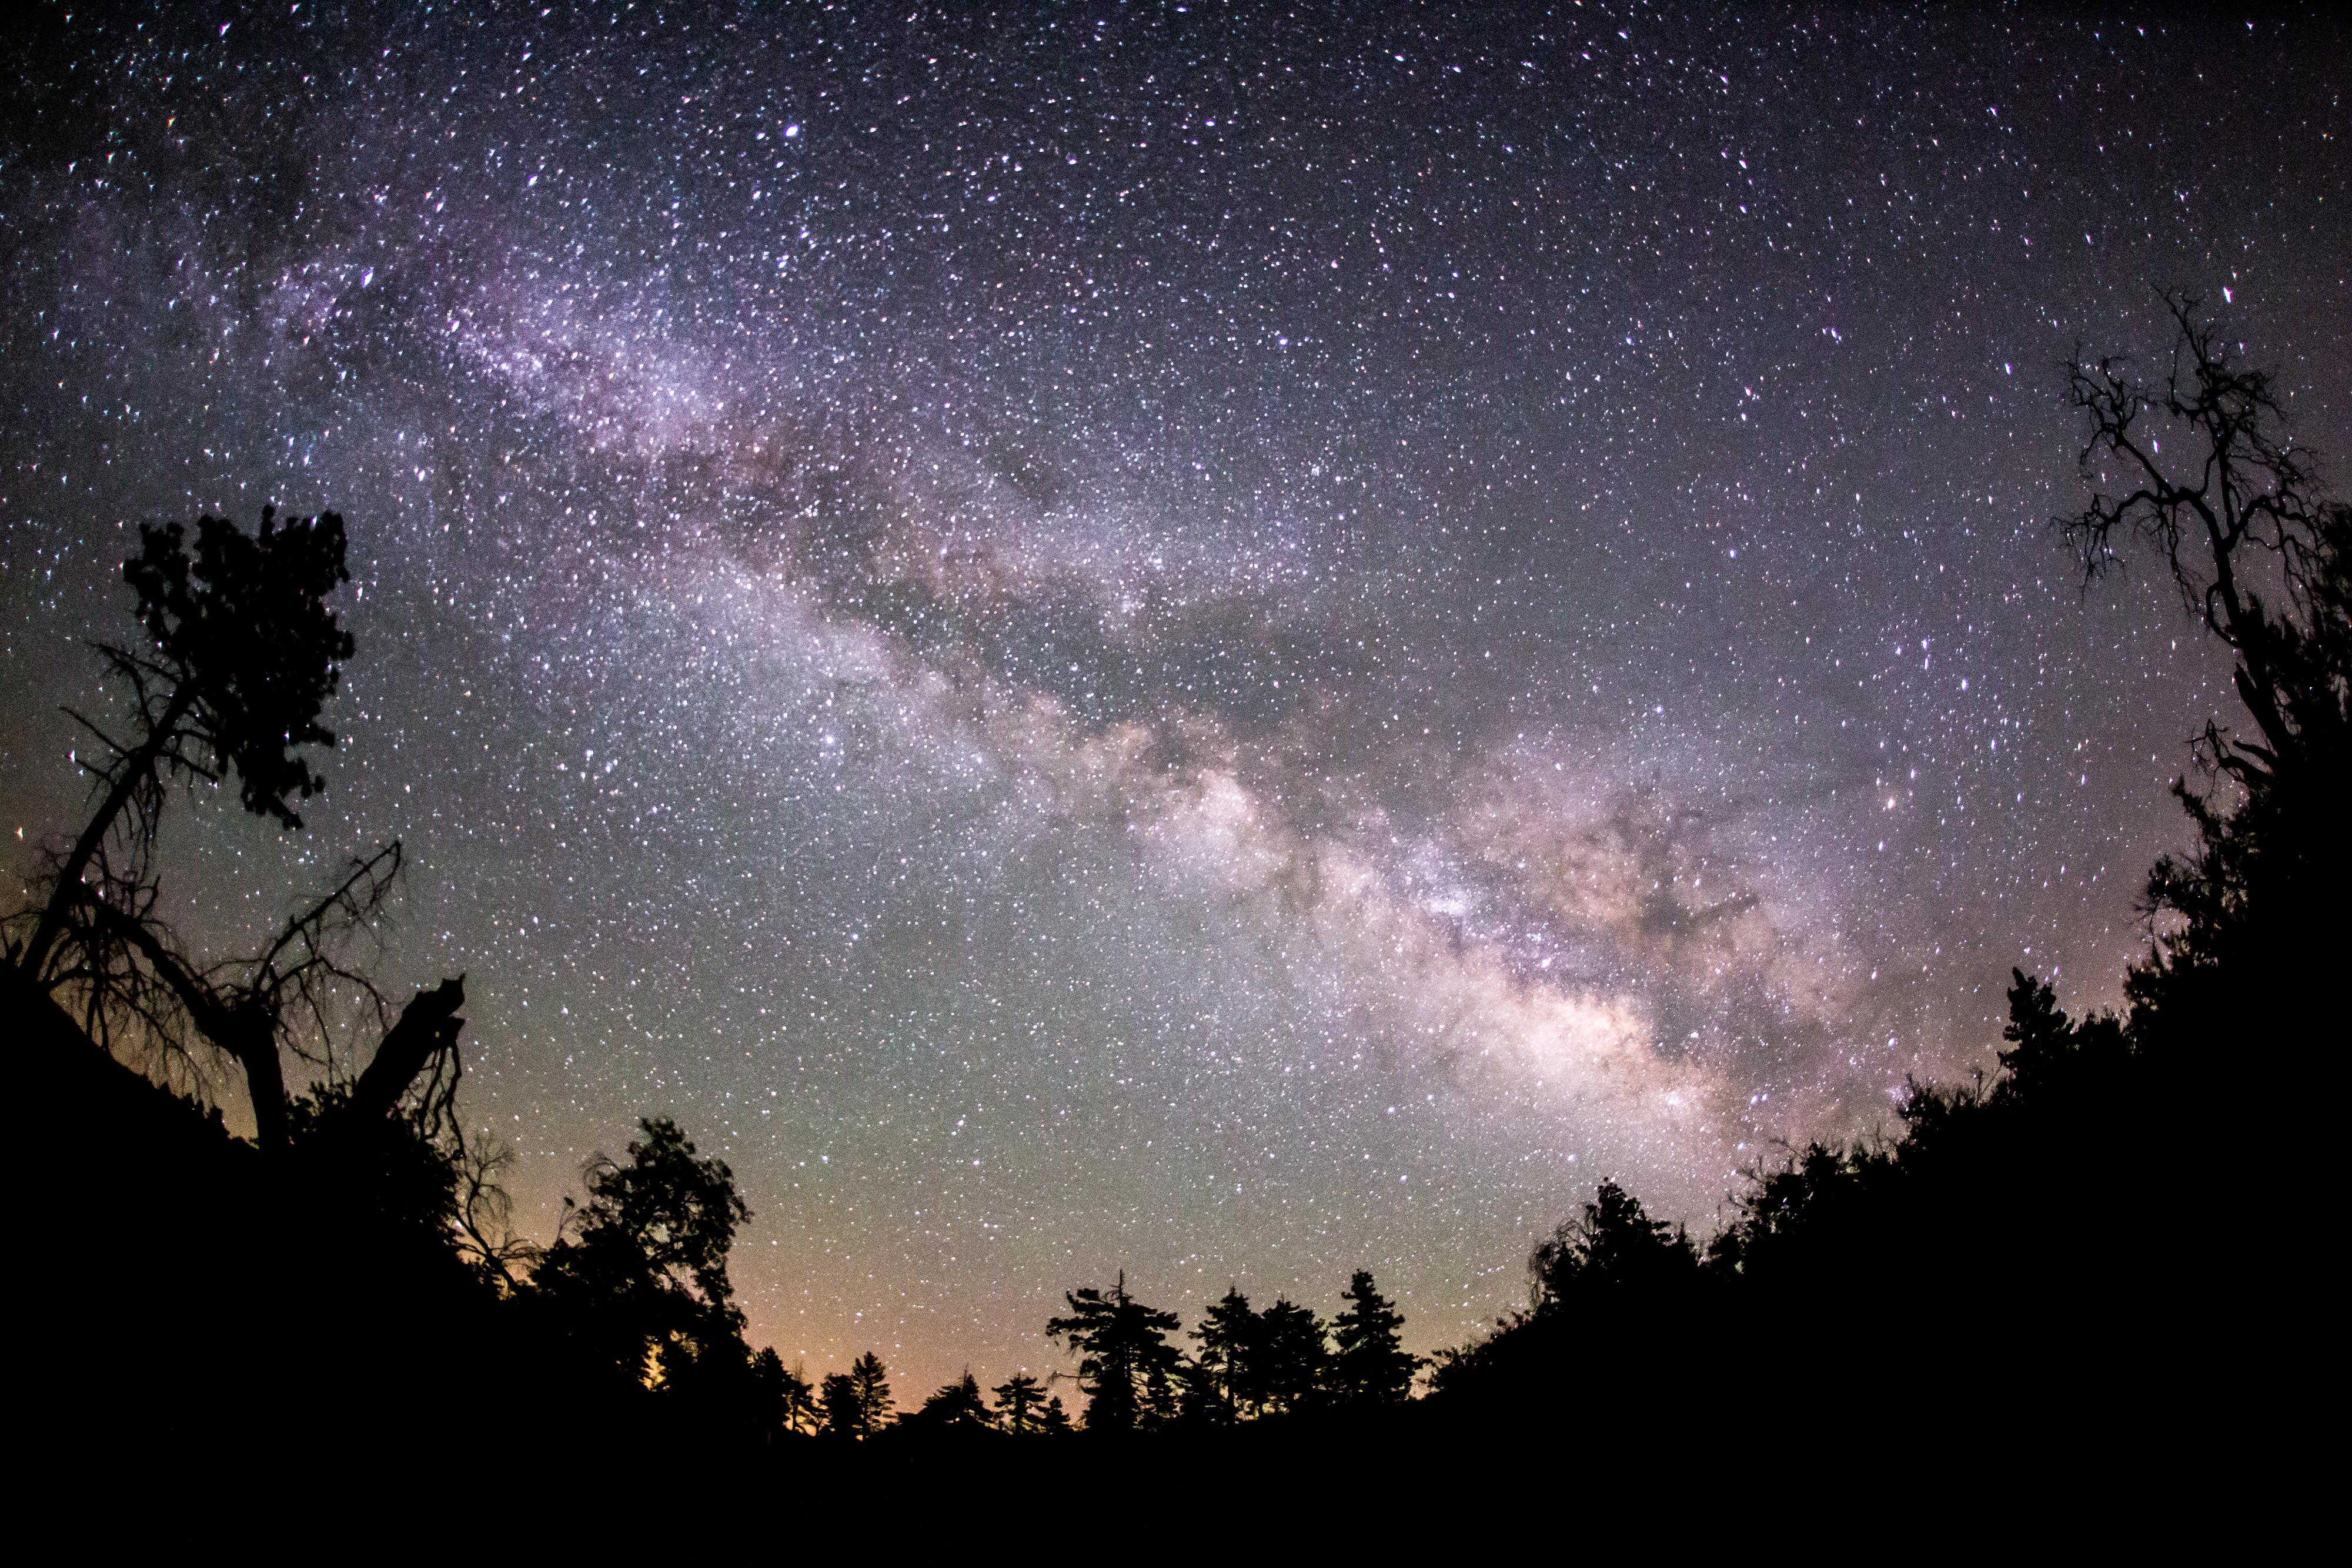 Ditt galaktiske nabolag: Melkeveien. Foto: Shutterstock